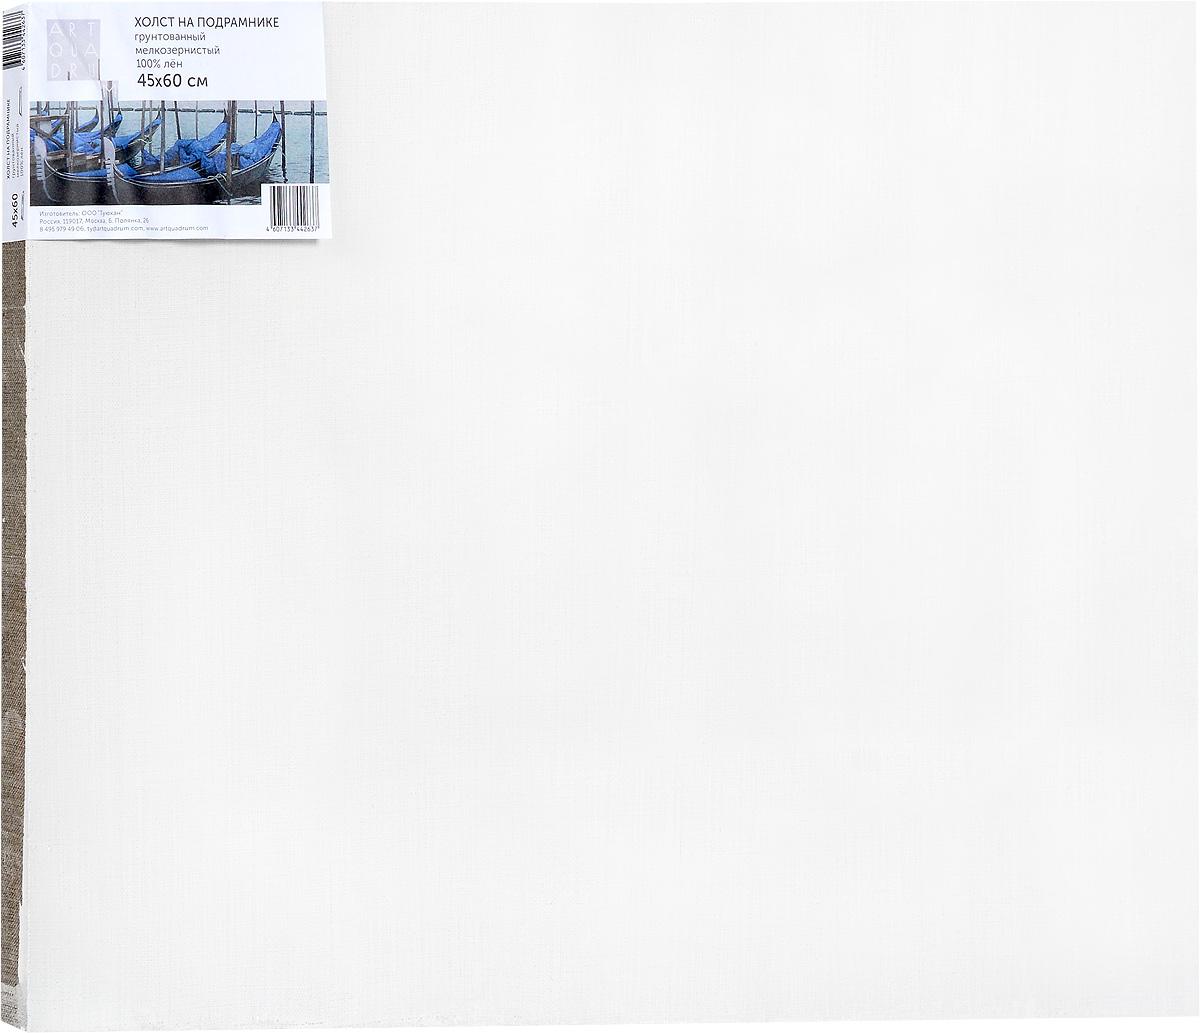 Холст ArtQuaDram Мелкозернистый на подрамнике, грунтованный, 45 х 60 смТ0003838Холст на деревянном подрамнике ArtQuaDram Мелкозернистый изготовлен из 100% натурального льна. Подходит для профессионалов и художников. Холст не трескается, не впитывает слишком много краски, цвет краски и качество не изменяются. Холст идеально подходит для масляной и акриловой живописи.